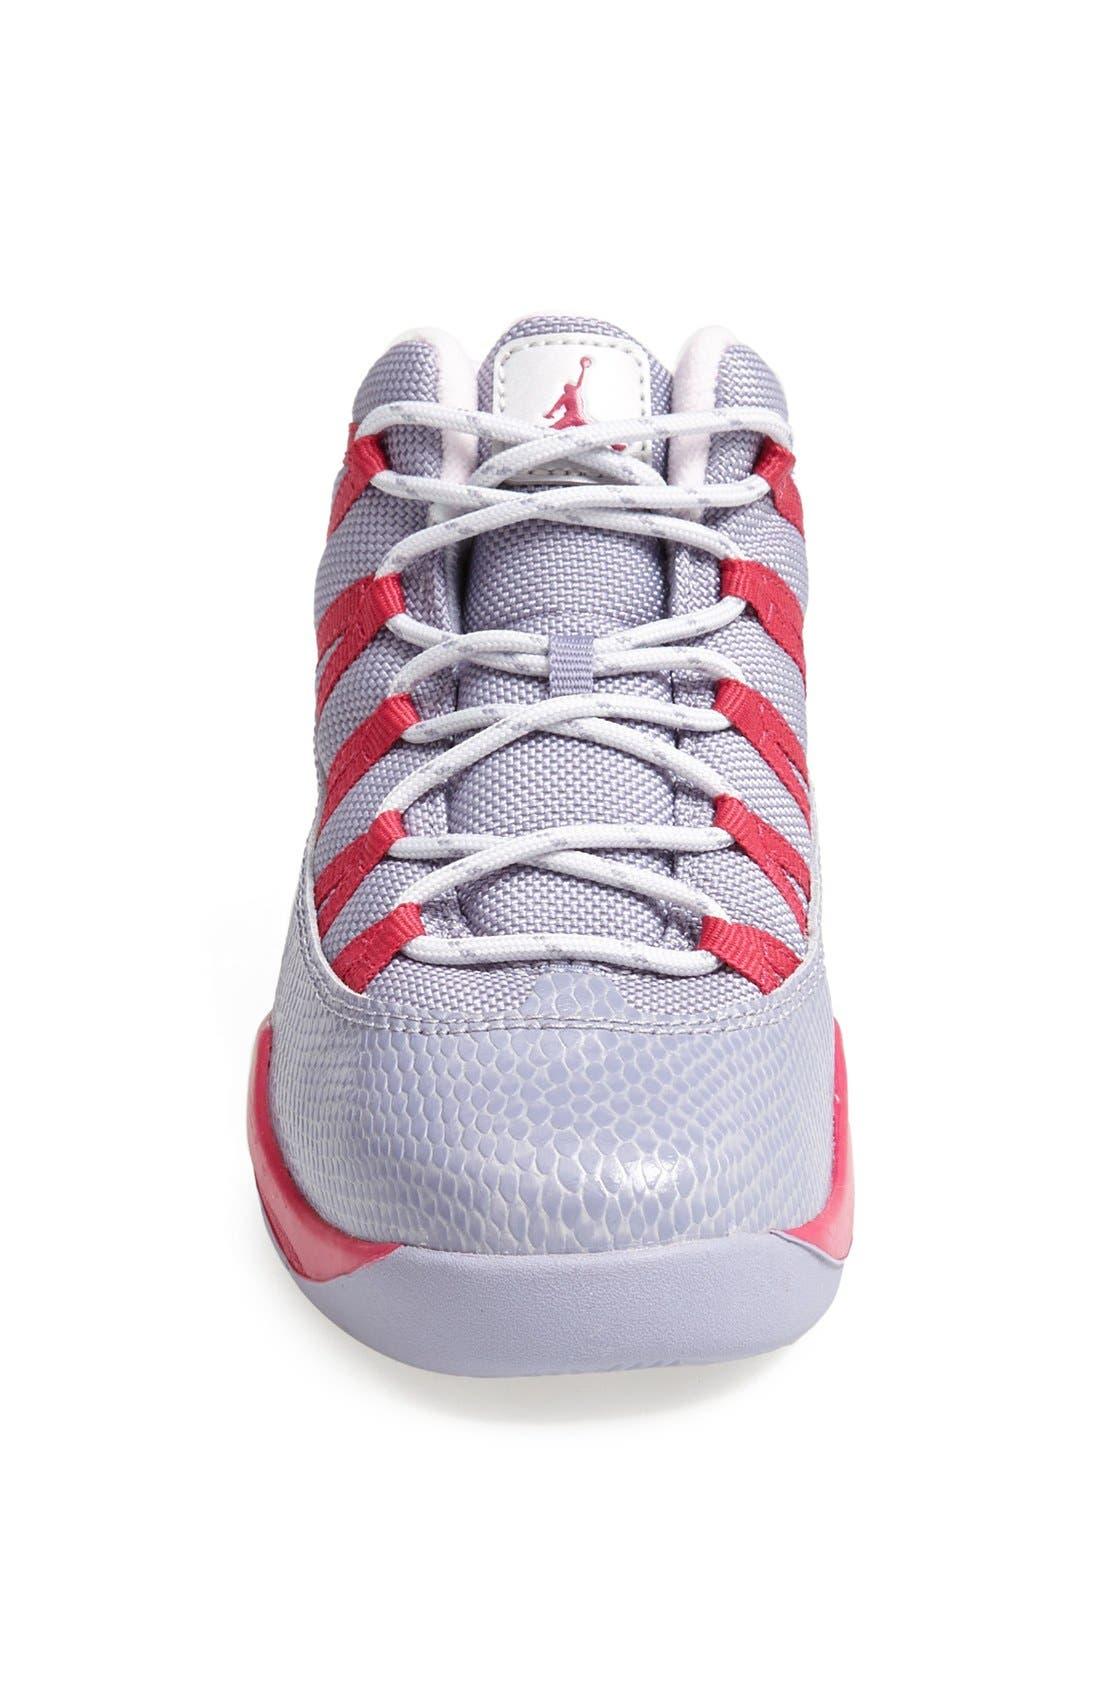 Alternate Image 3  - Nike 'Jordan Prime Flight' Basketball Shoe (Toddler & Little Kid)